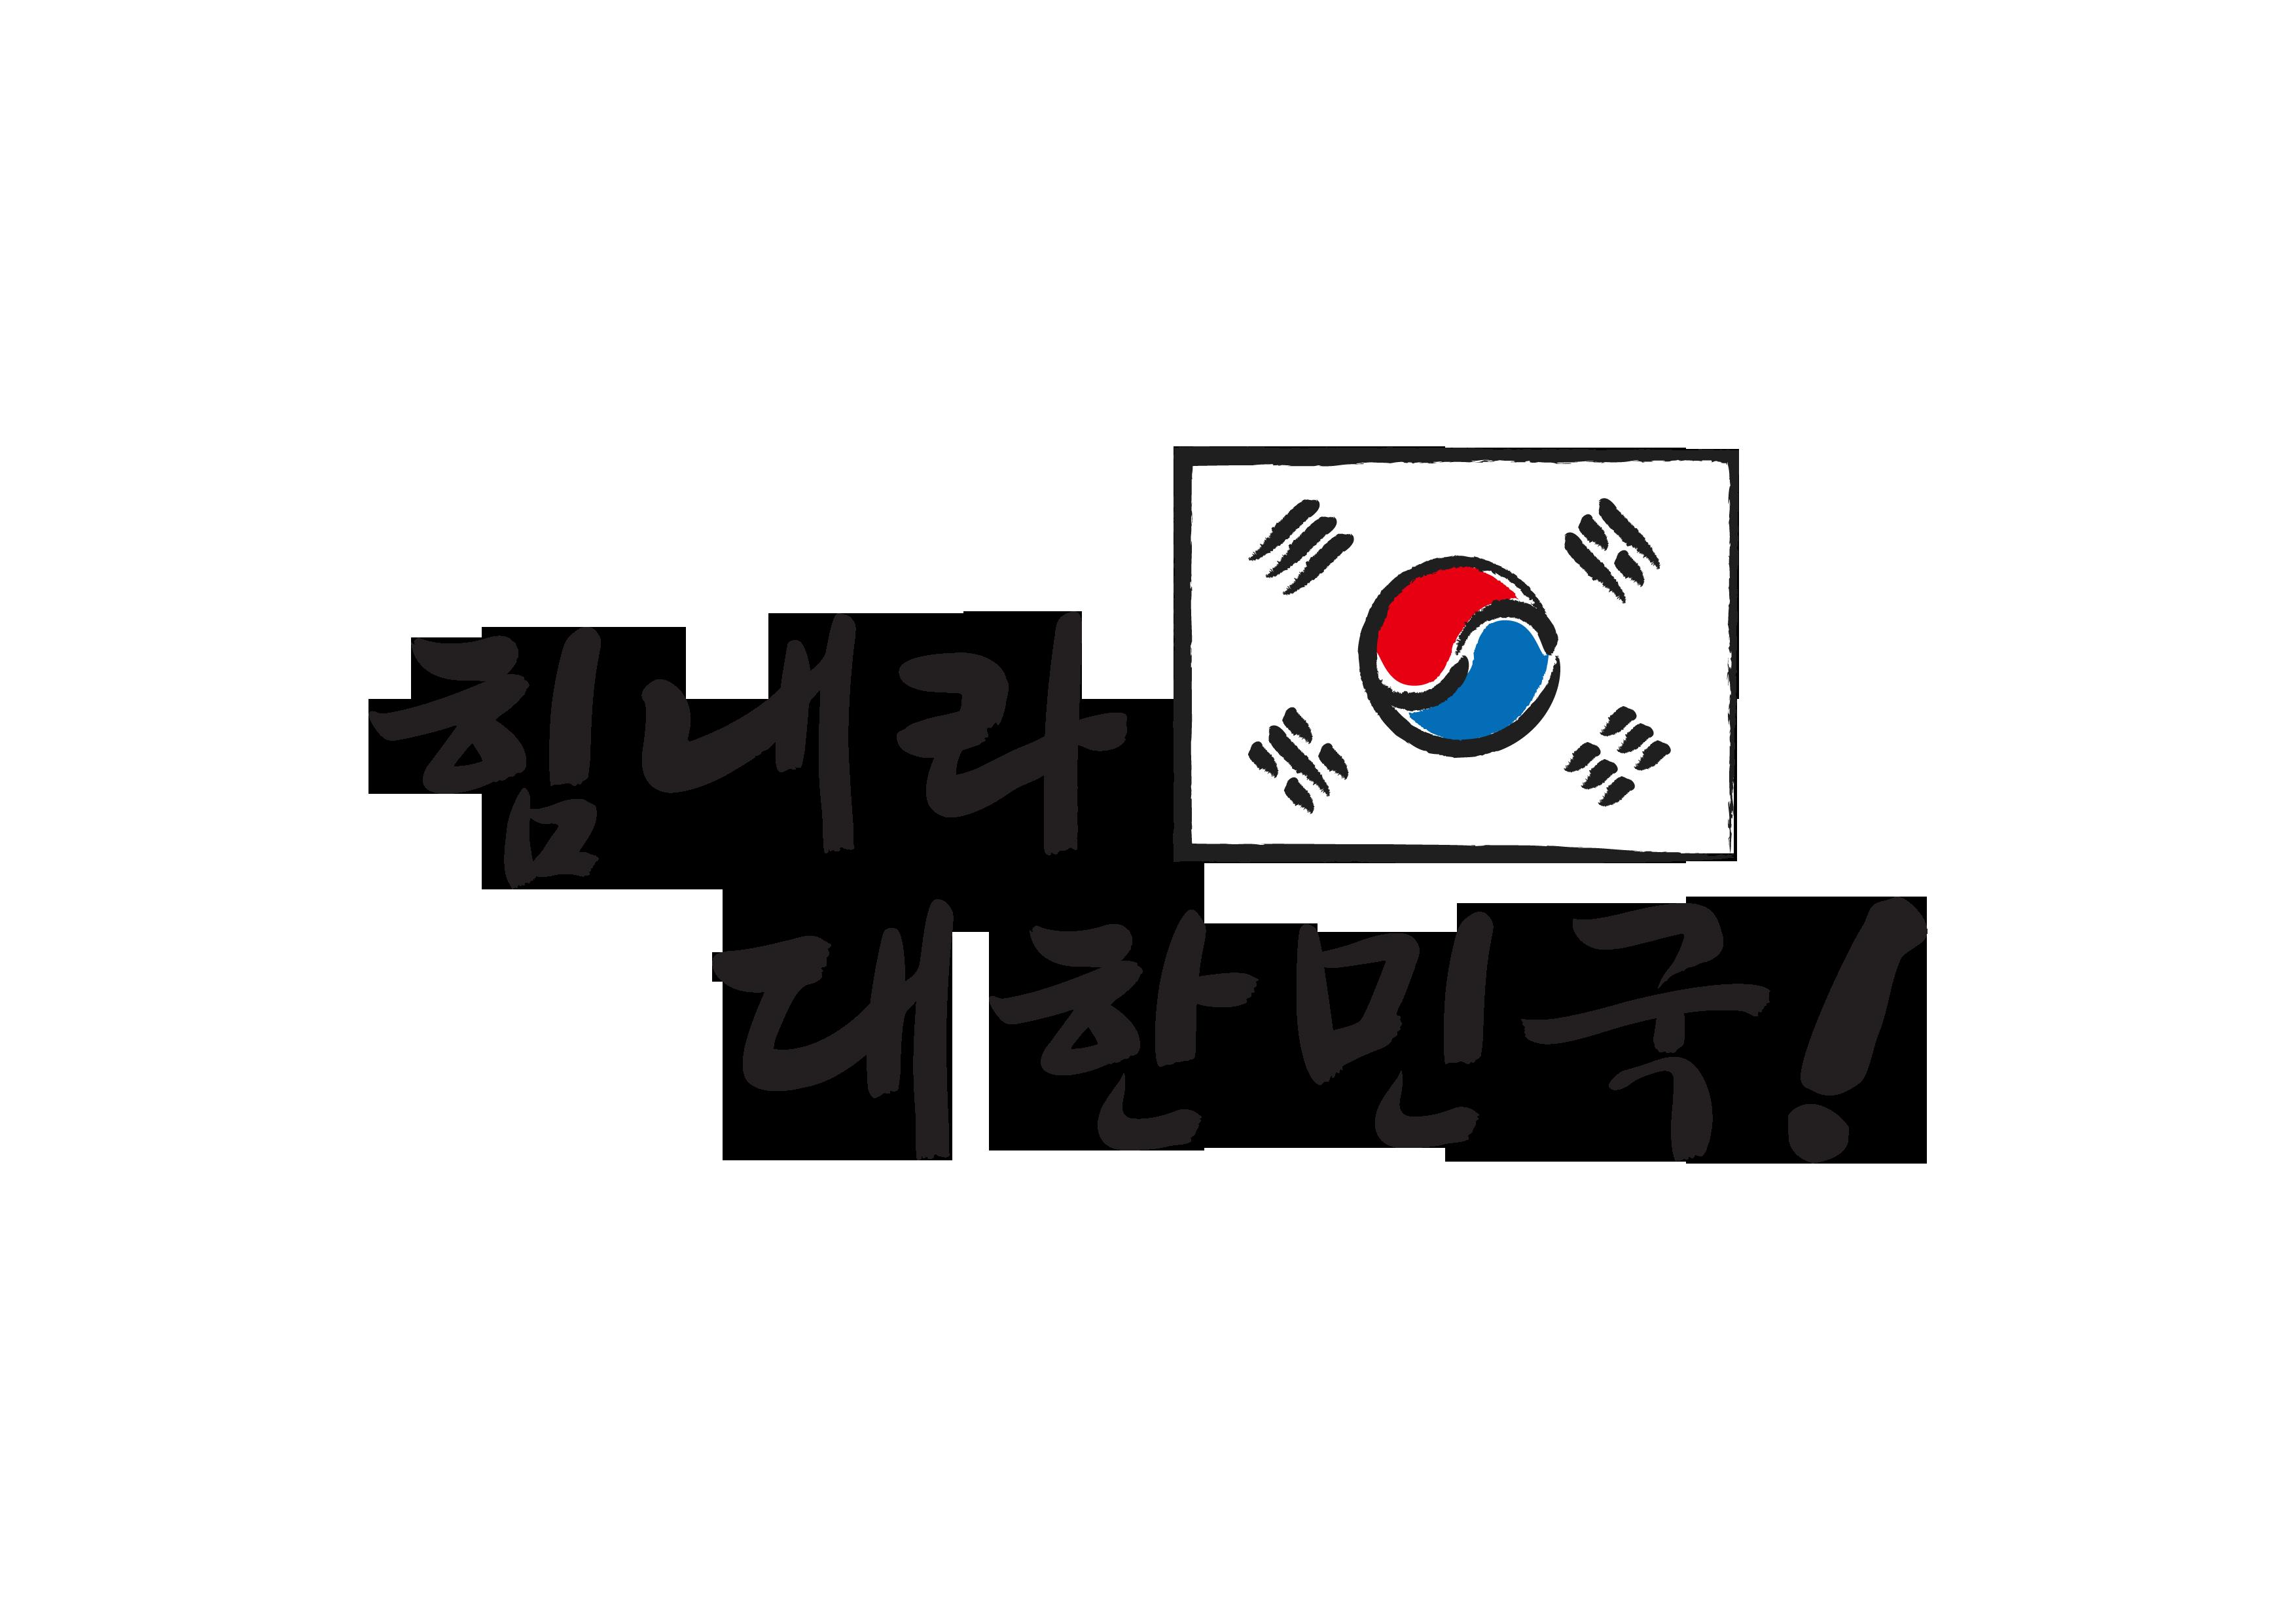 힘내라 대한민국! - 코로나19 응원 캘리그라피